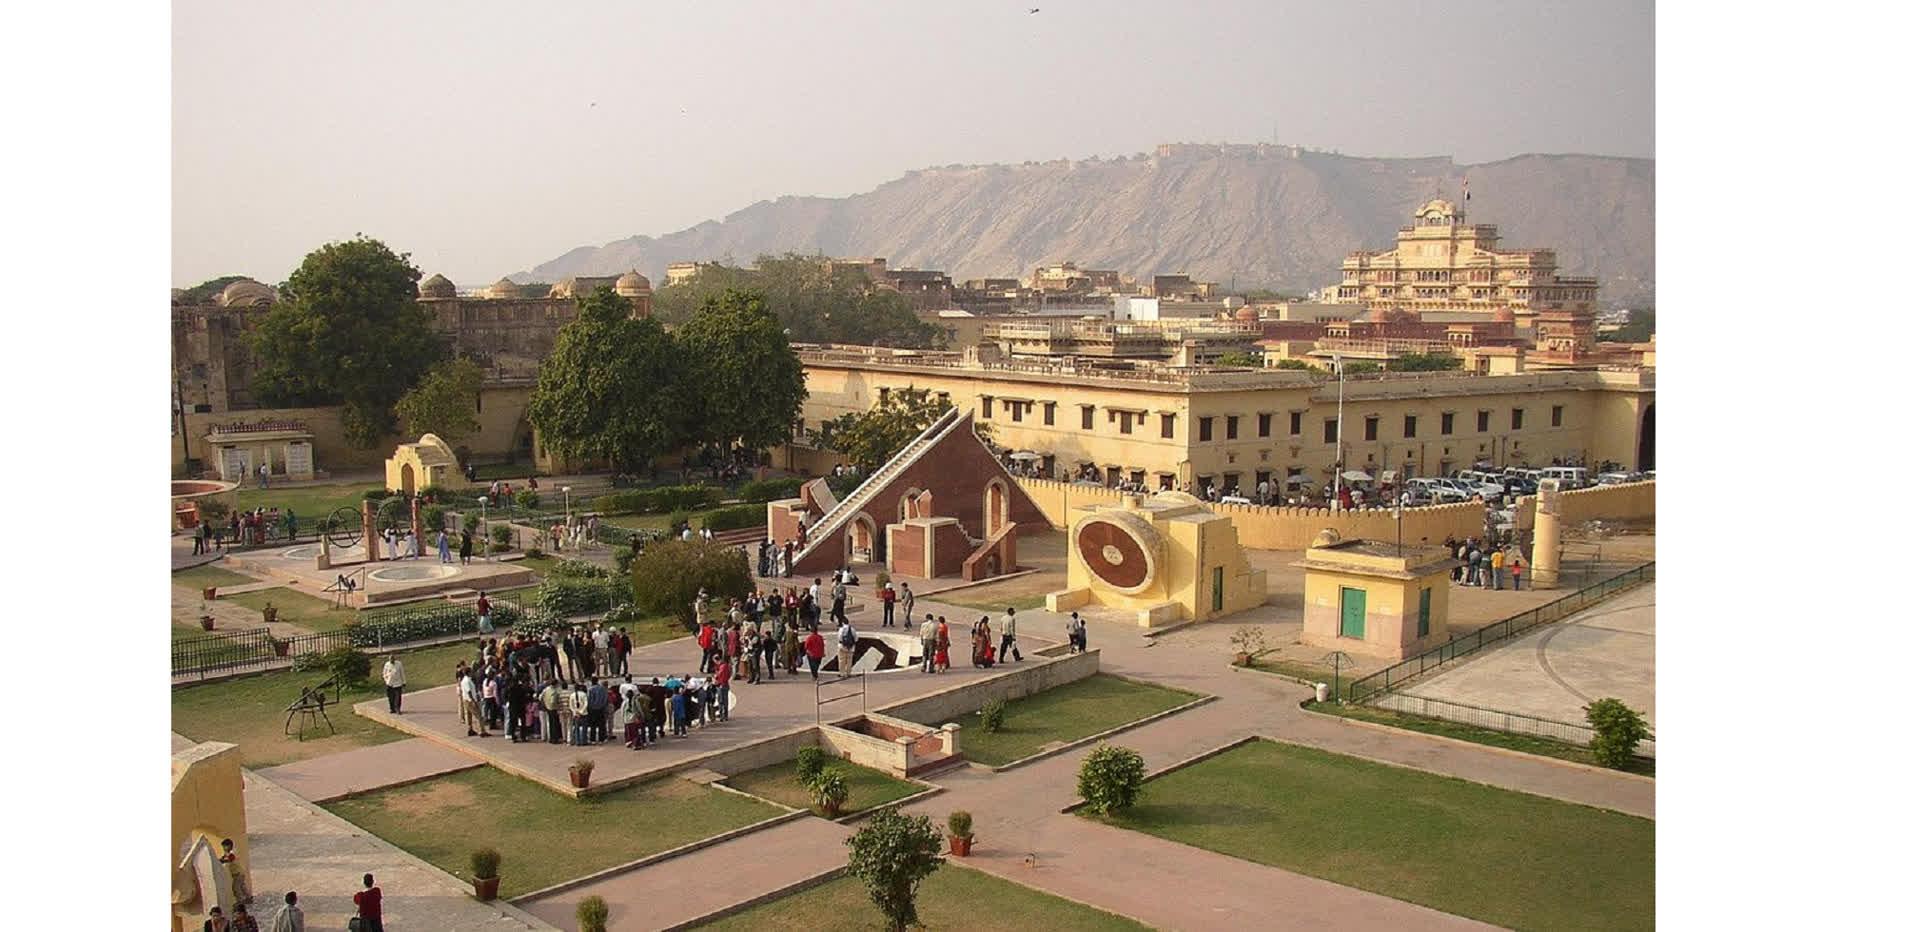 जयपुर के खगोल-विज्ञान प्रेमी राजा और उनकी वेधशालाएं